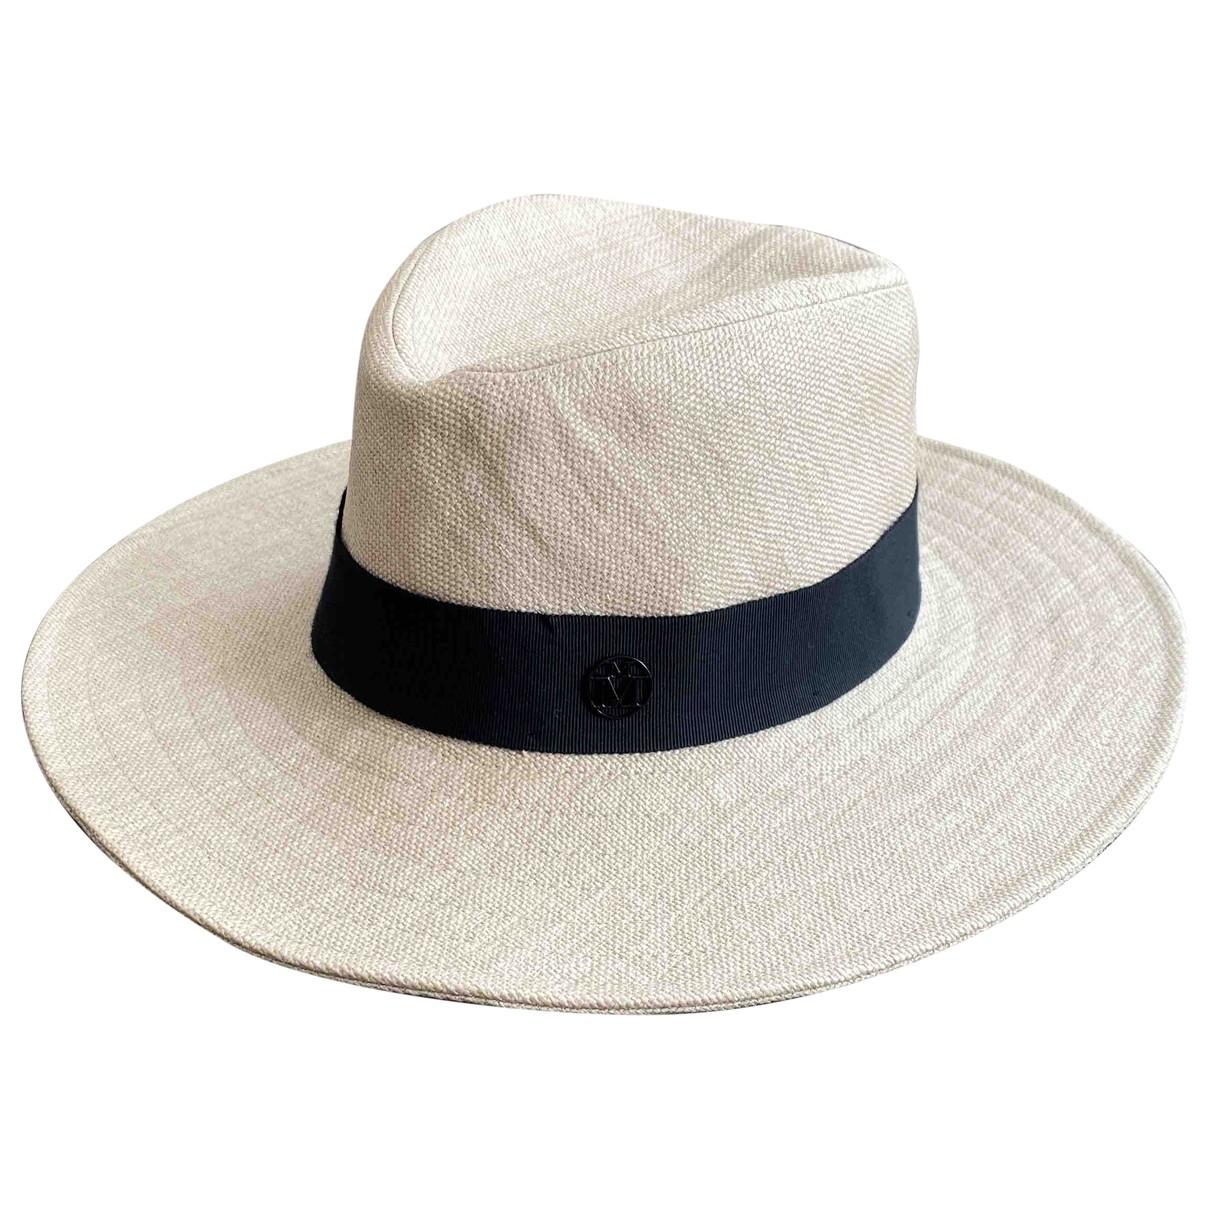 Maison Michel \N Beige Wicker hat for Women M International